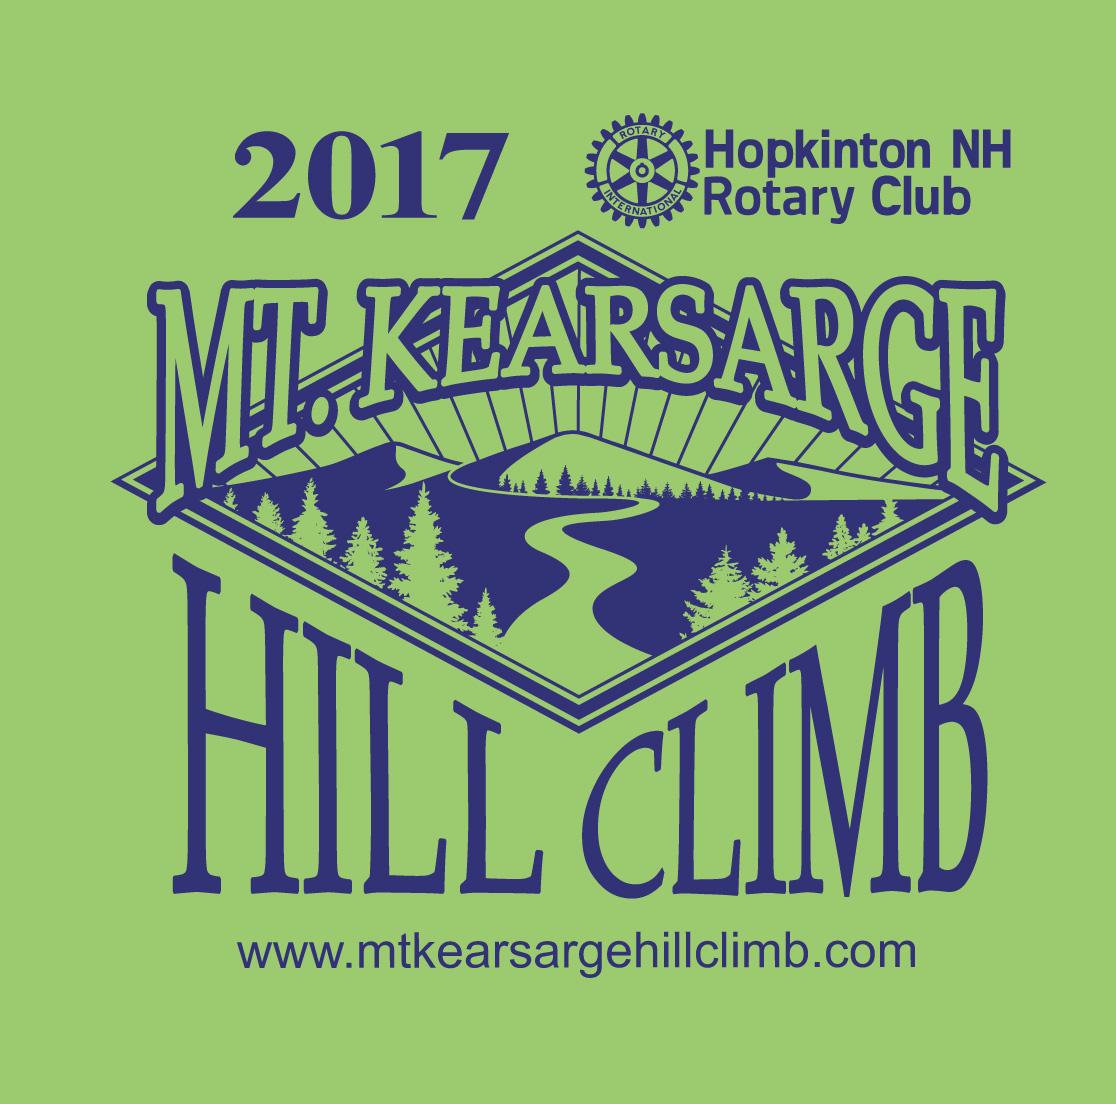 MT-KEARSAGE-HILL-CLIMB-front-4th-draft-8-10-2017-PROOF.jpg